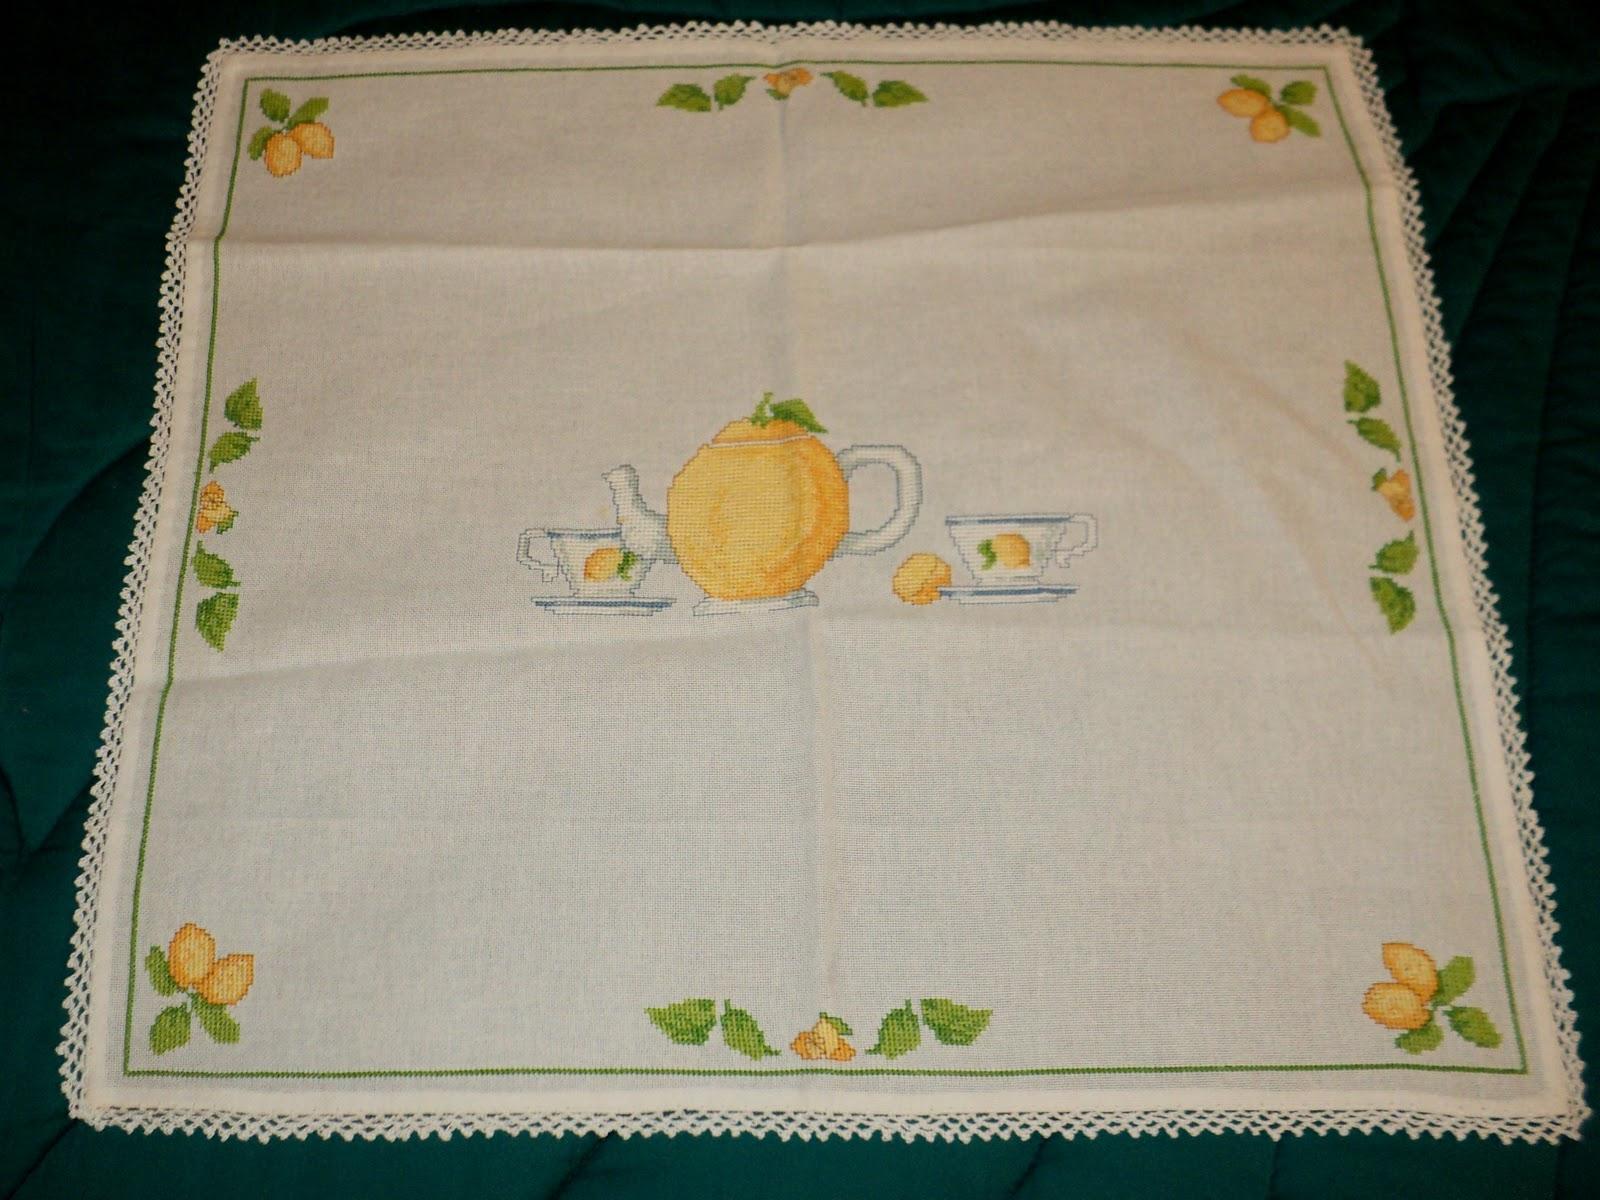 Creando ricamando tovaglietta per colazione tema limoni - Disegni punto croce per tovaglie da tavola ...